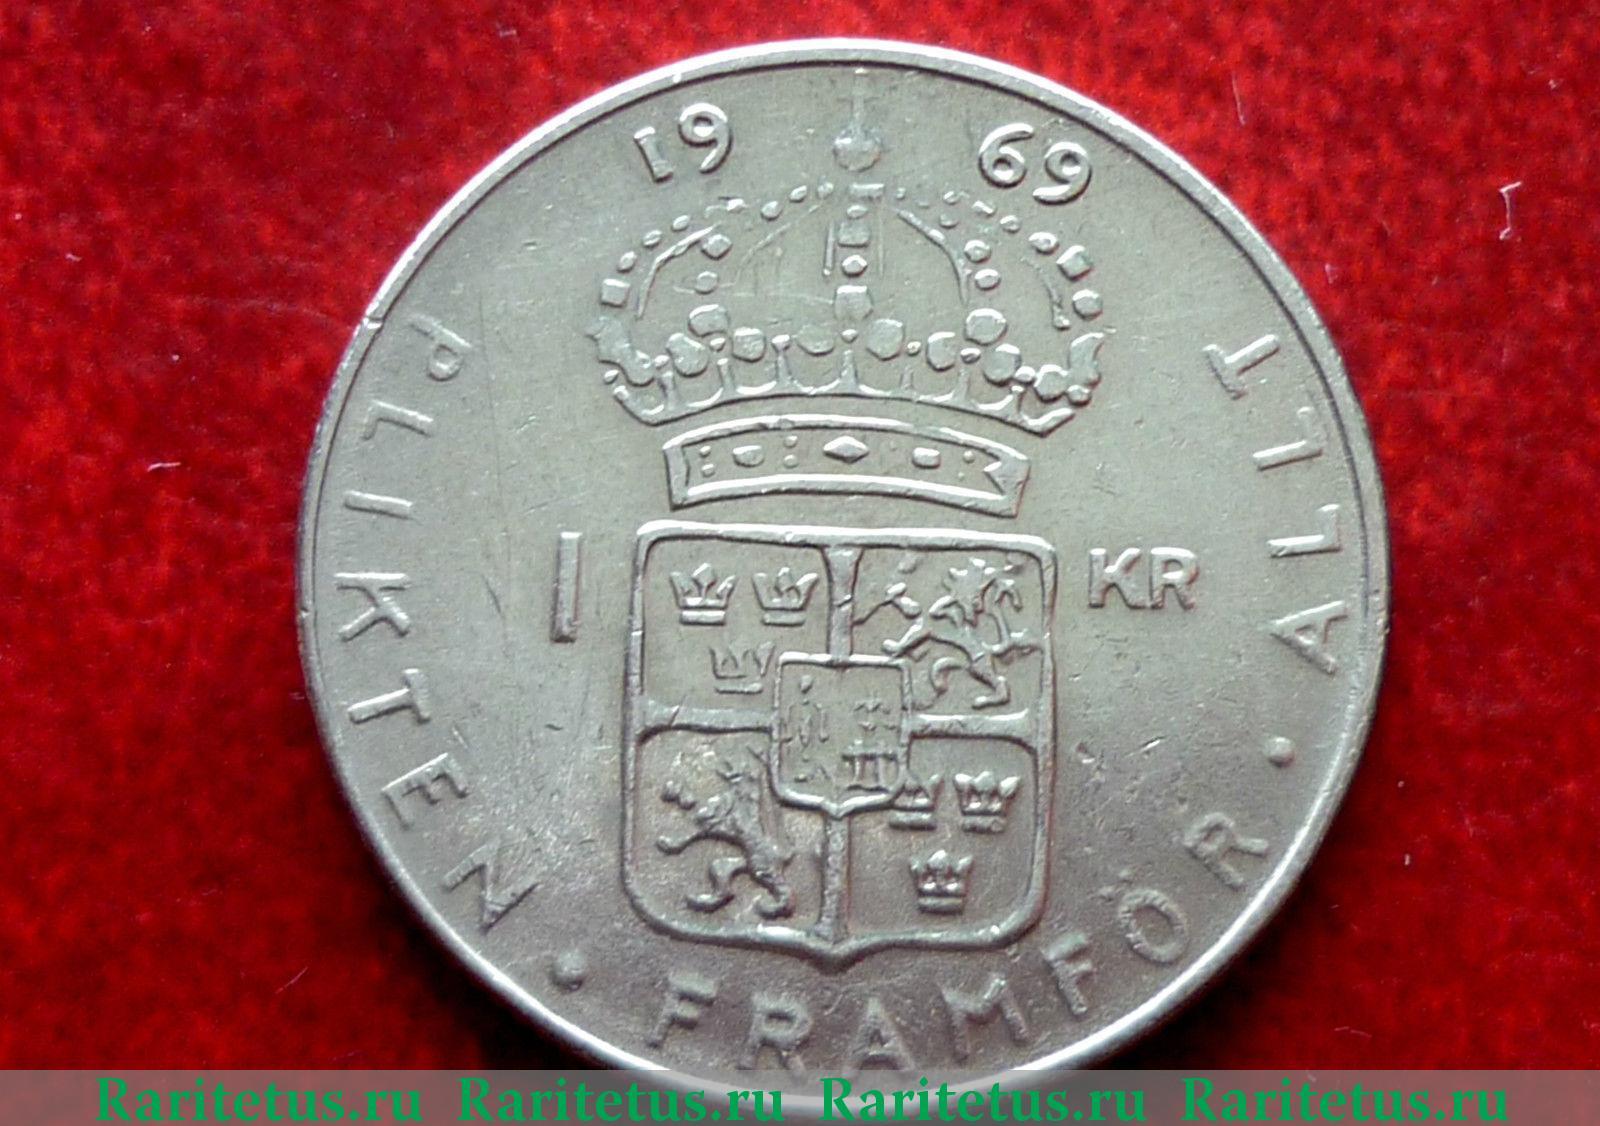 1 крона 2001 года густаф стоимость стоимость монеты 2 копейки 1896 года цена